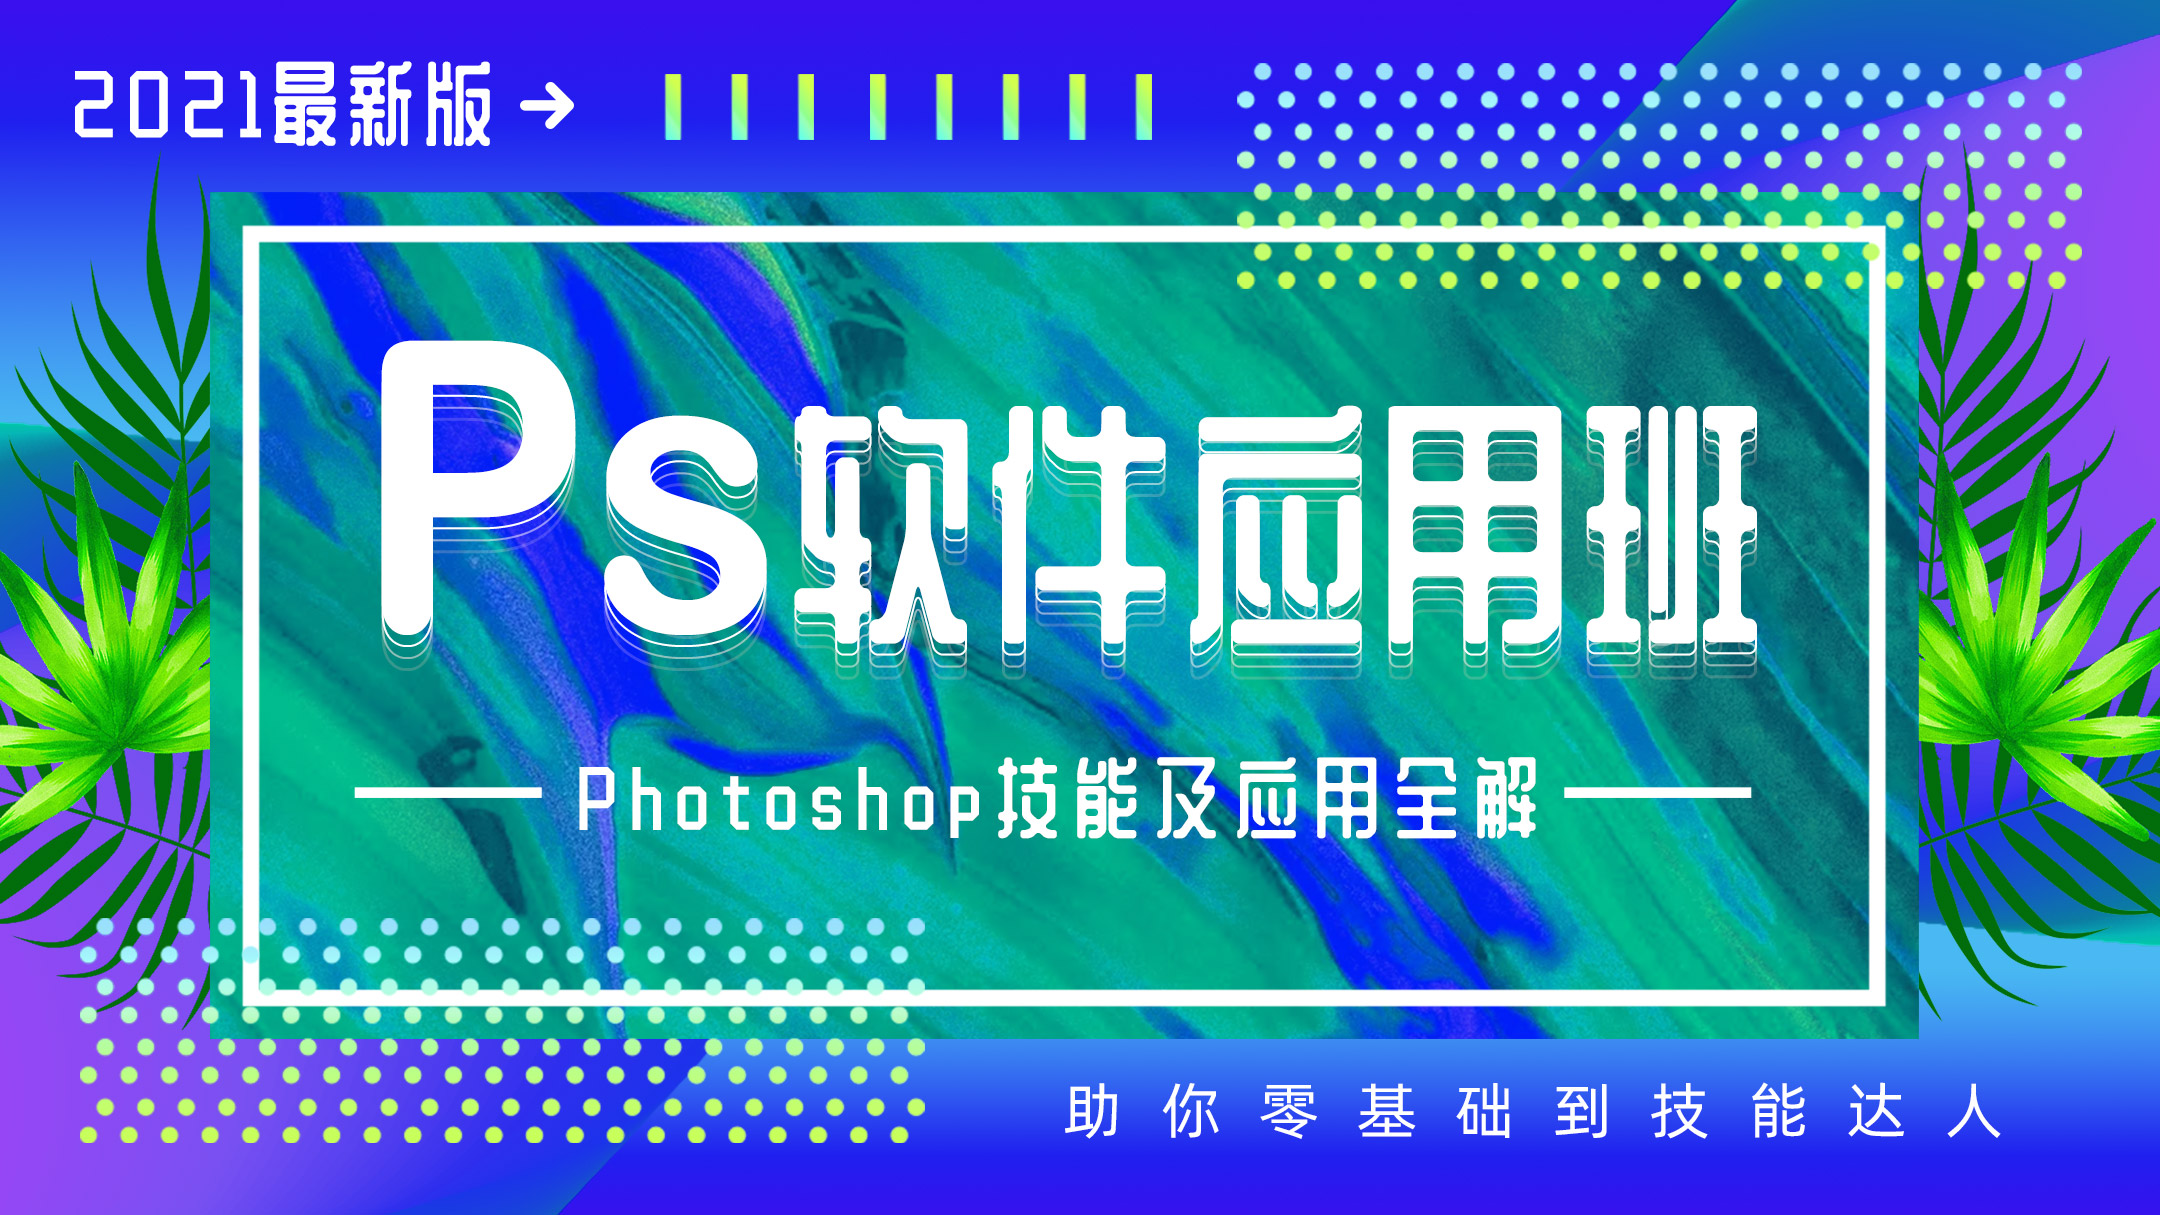 【木晨学院】Photoshop软件应用大师班(3周直播课)